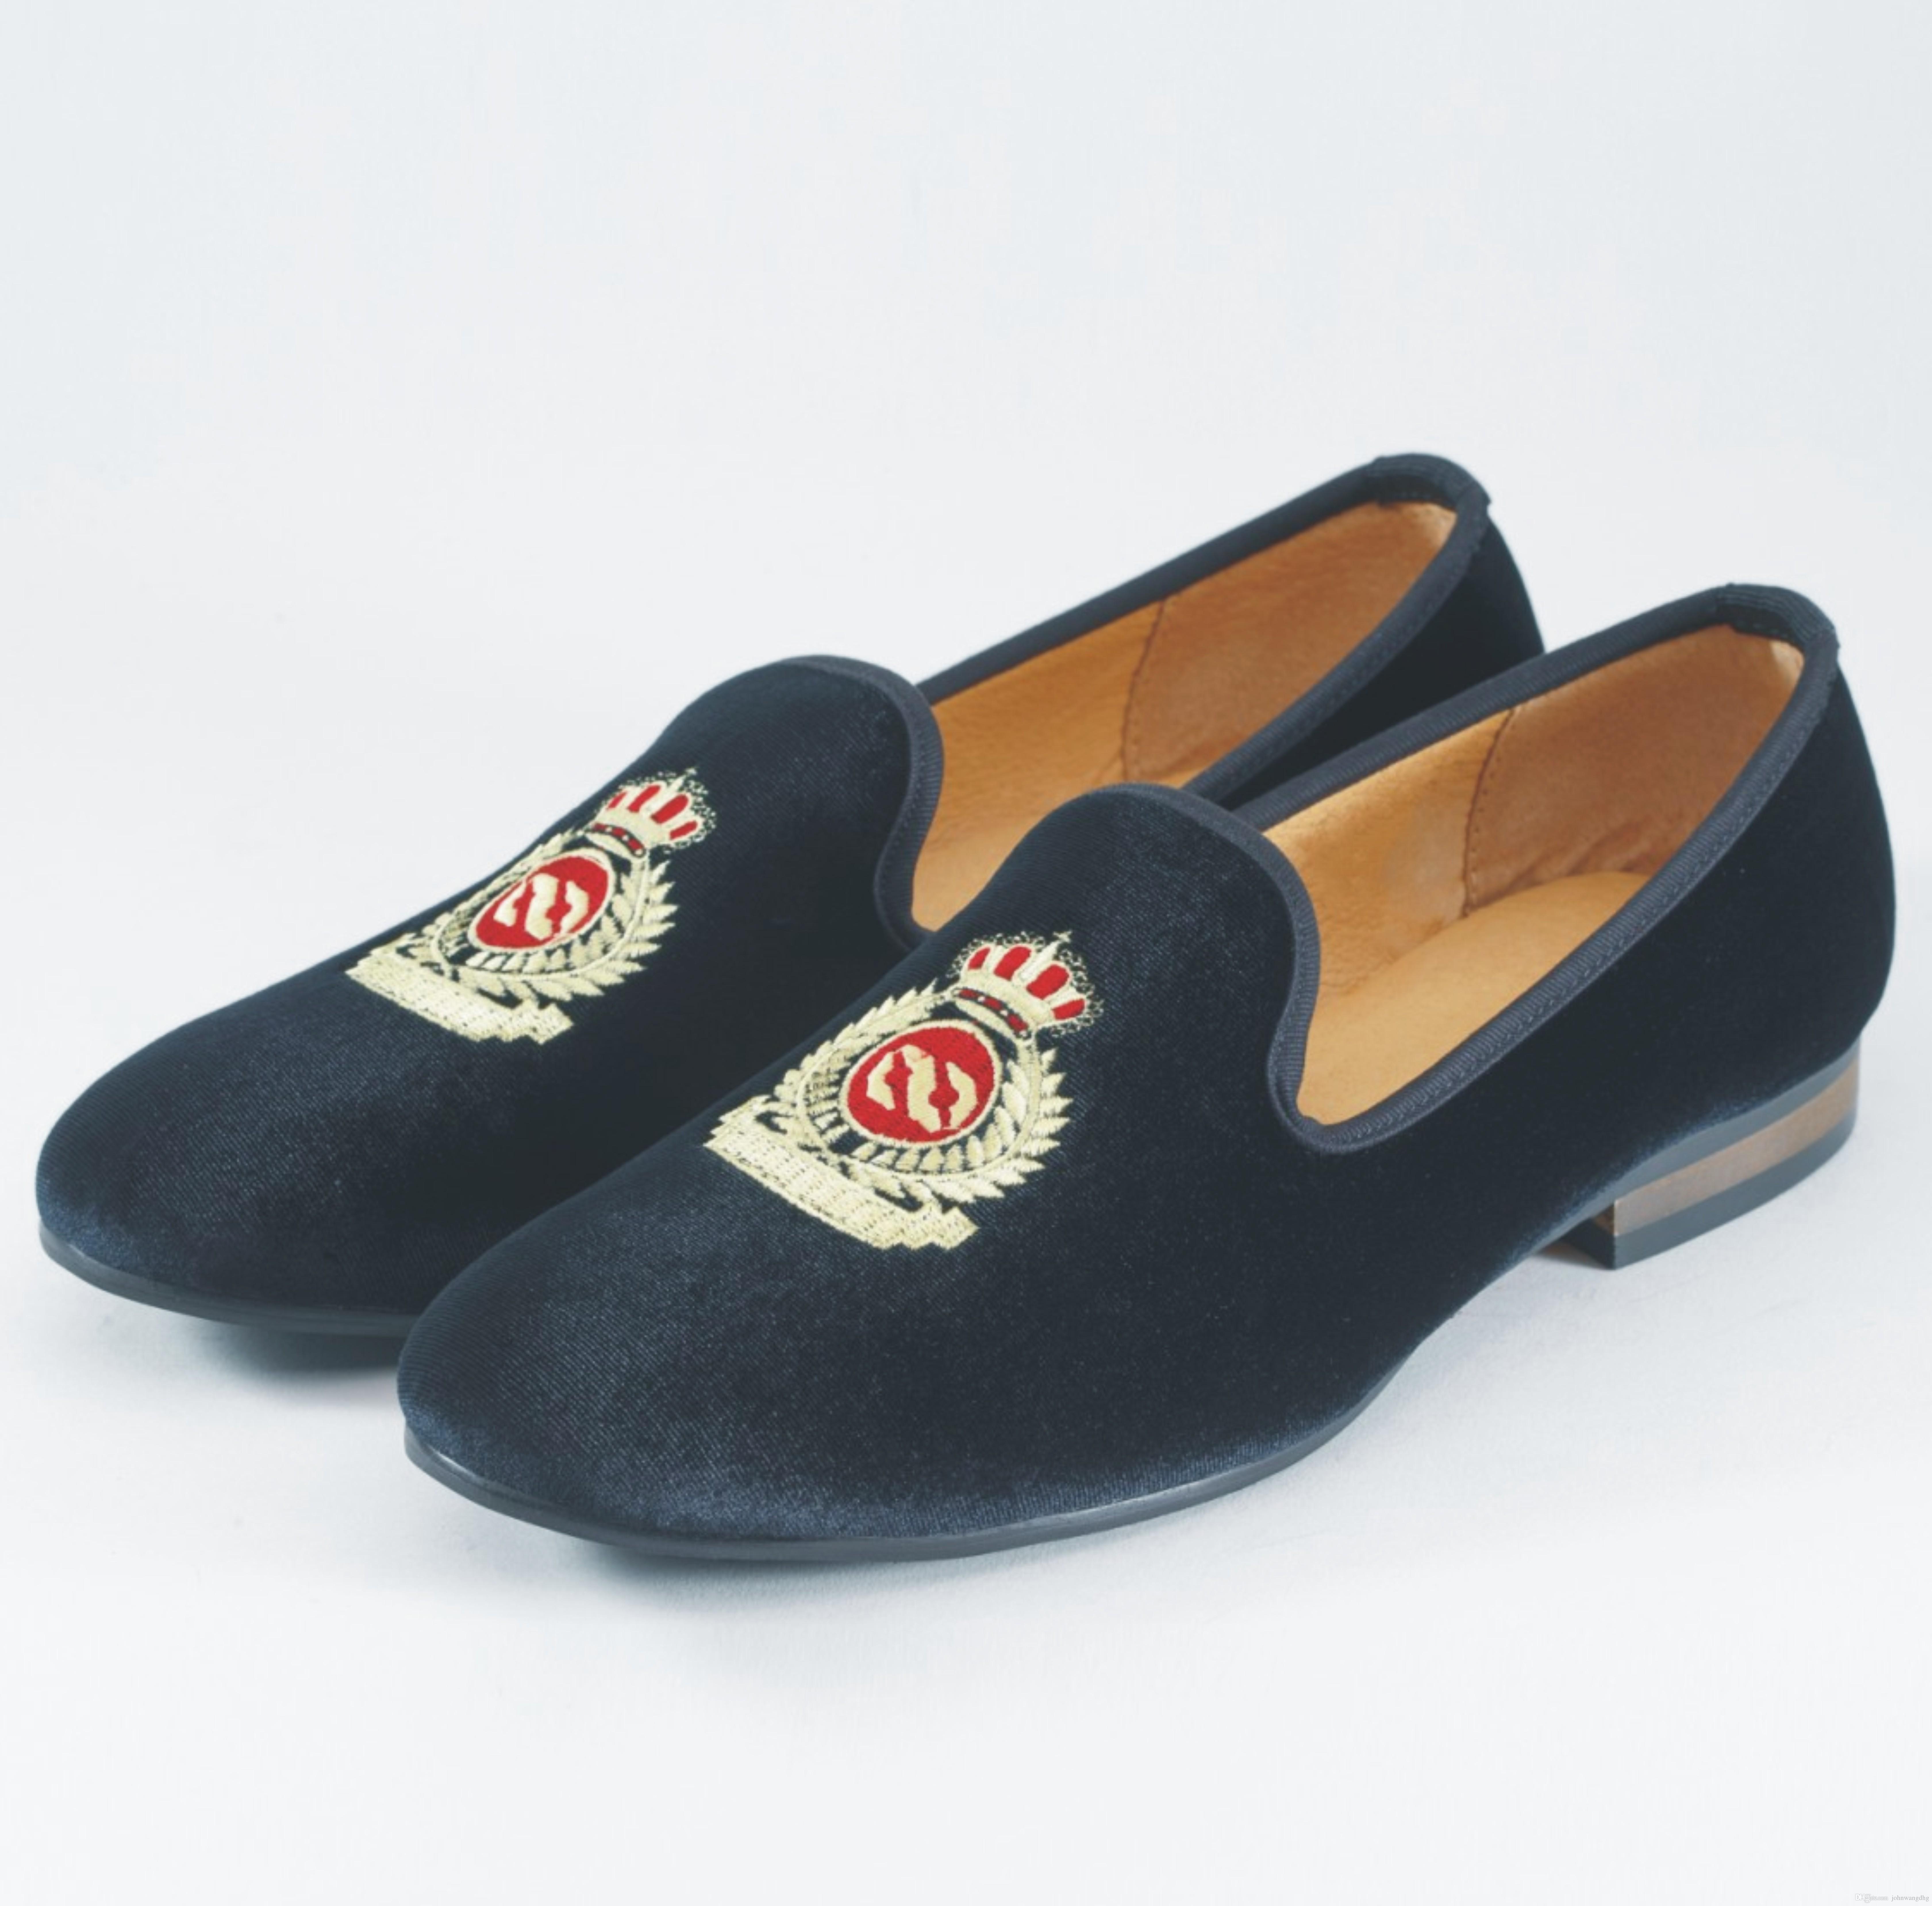 loafers for men fashion men loafers slip on mens velvet shoes casual velvet slippers  british dress shoes SPXVVHK